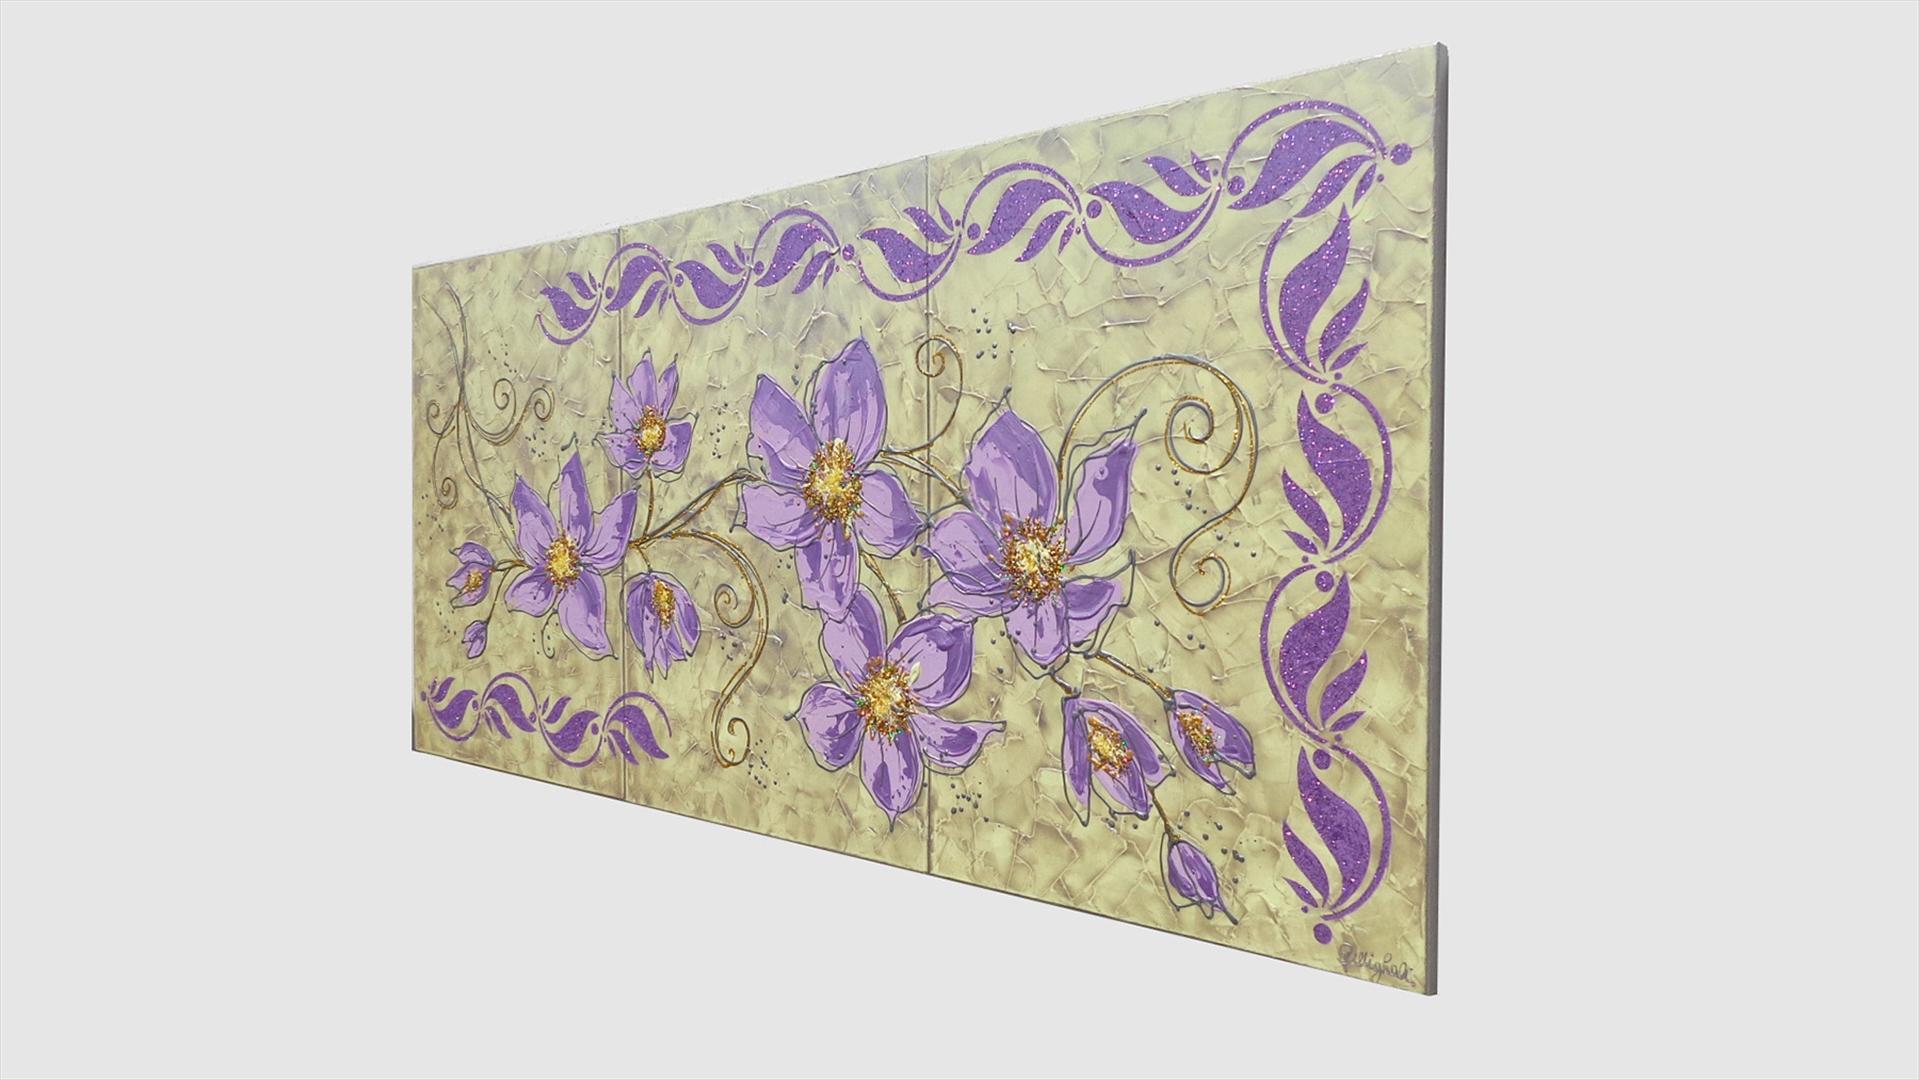 Stelo di fiori lilla vendita quadri online quadri moderni quadri astratti quadri - Tele per camera da letto ...